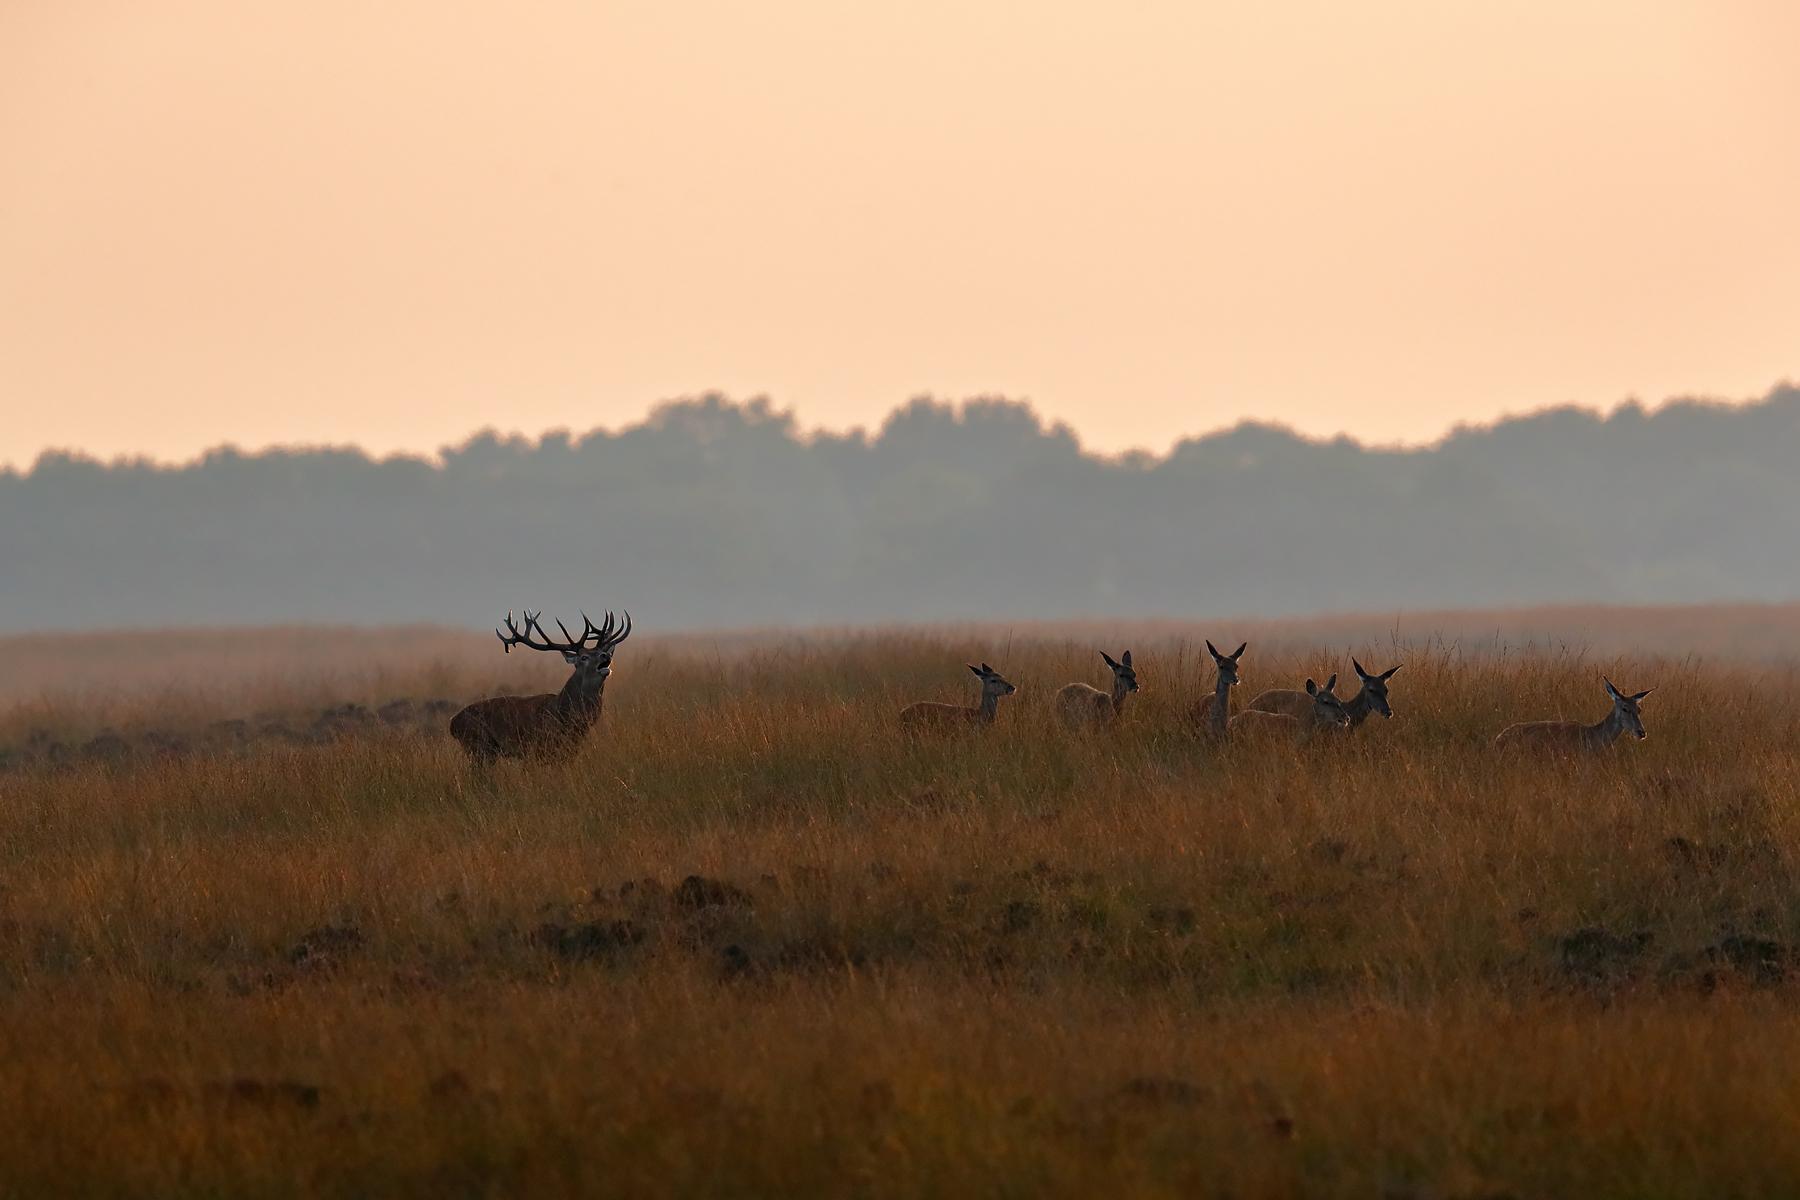 Red Deer @ National Park De hoge Veluwe